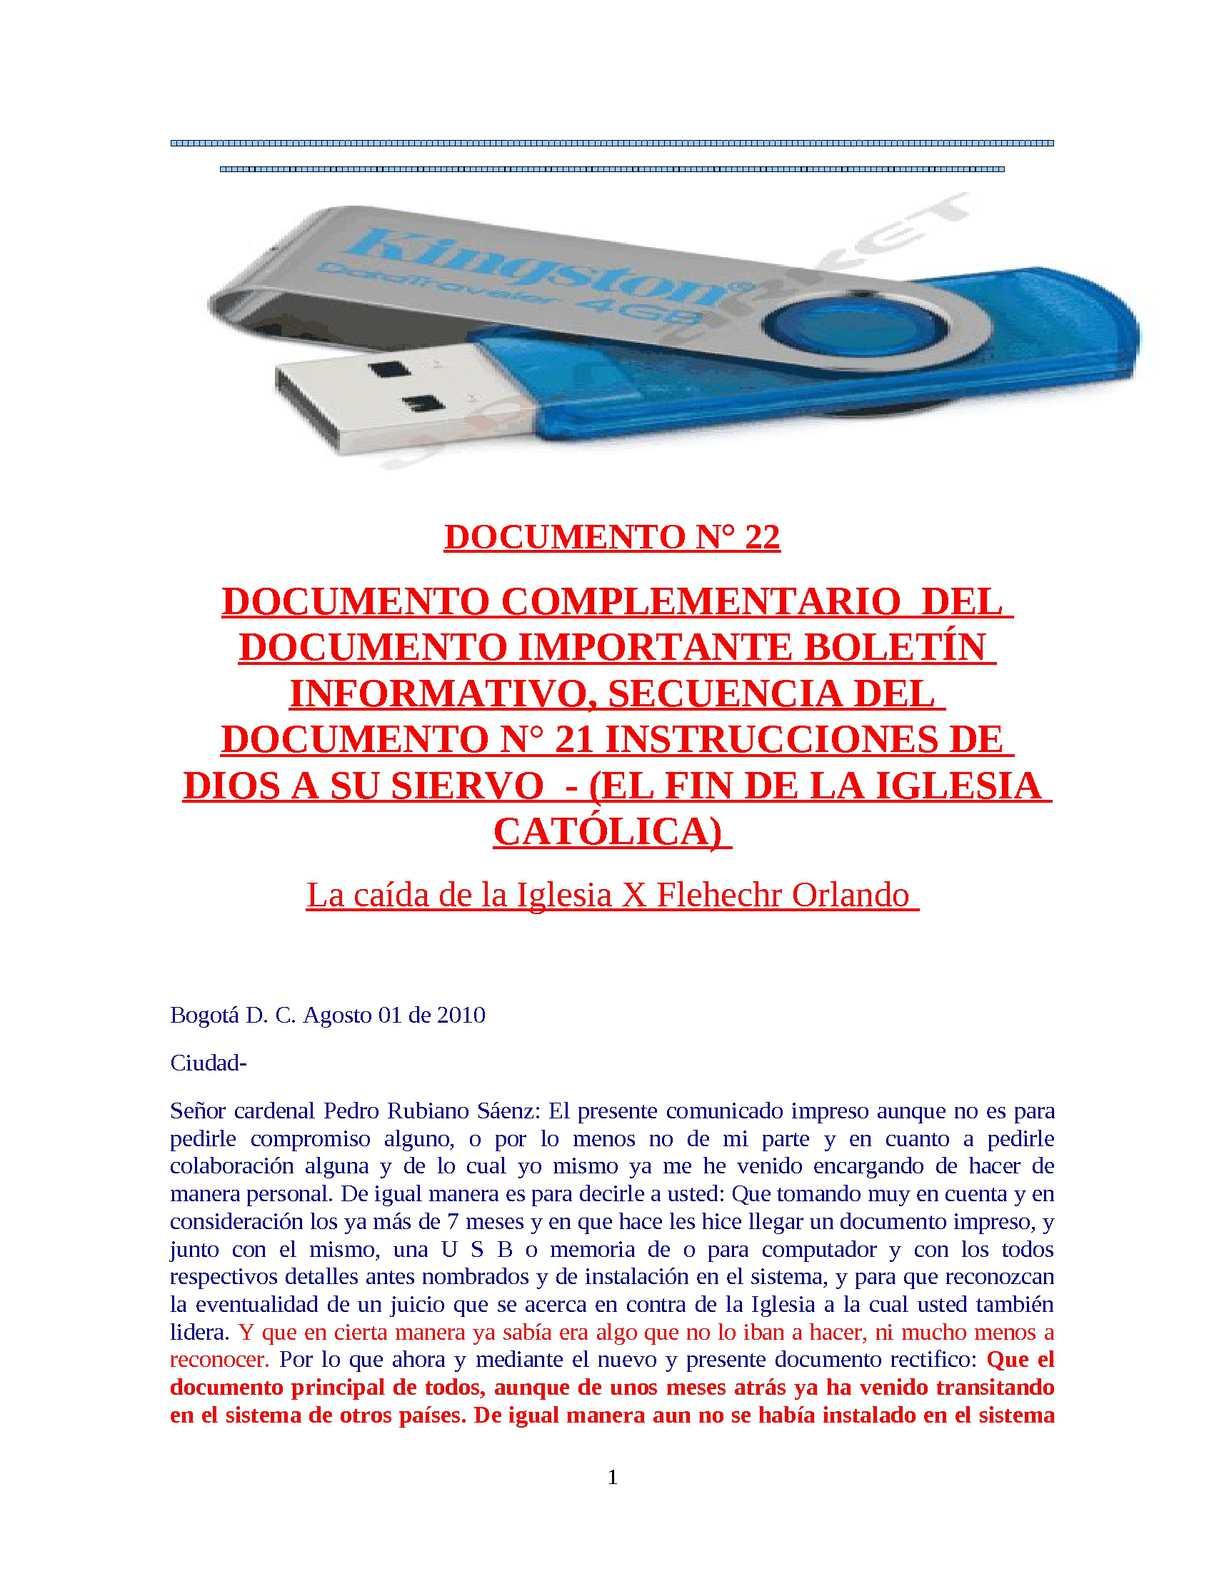 Aberraciones A Jovenes Porno calaméo - documento n° 22 recopilacion de imagenes (reparado)